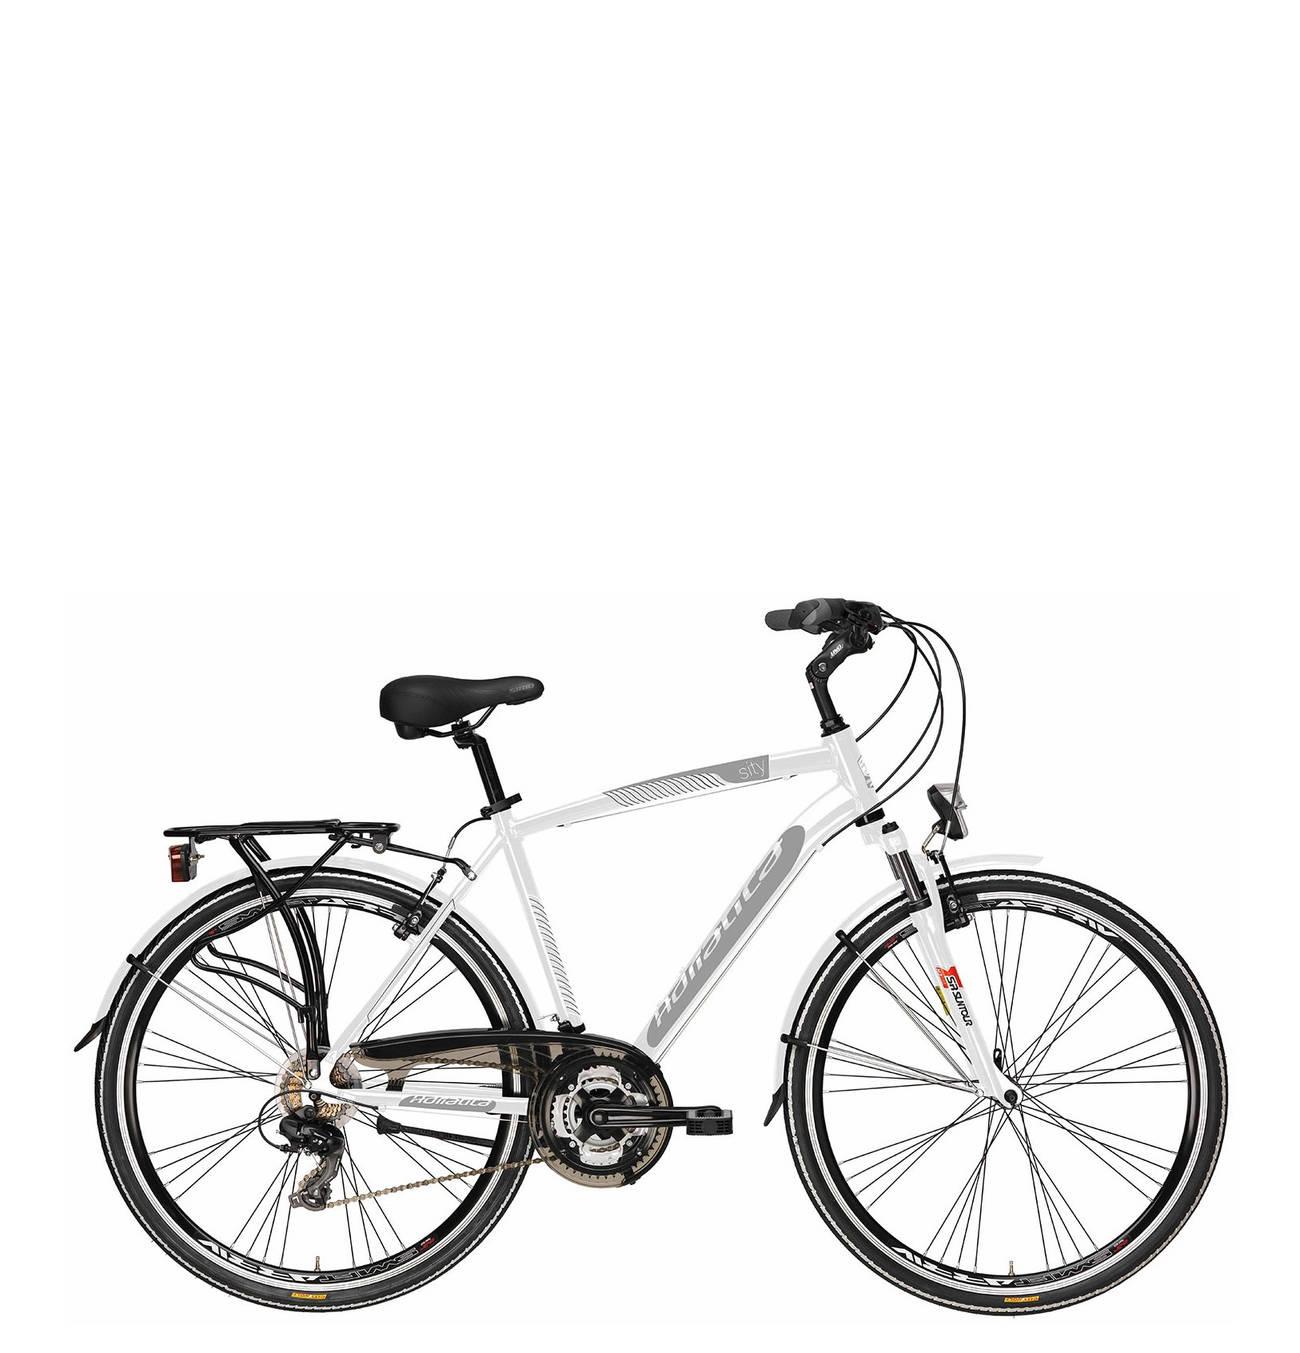 28 Zoll Herren Trekking Fahrrad Sity2 21 Gang Trekking Fahrrad Fahrrad Und Herrin